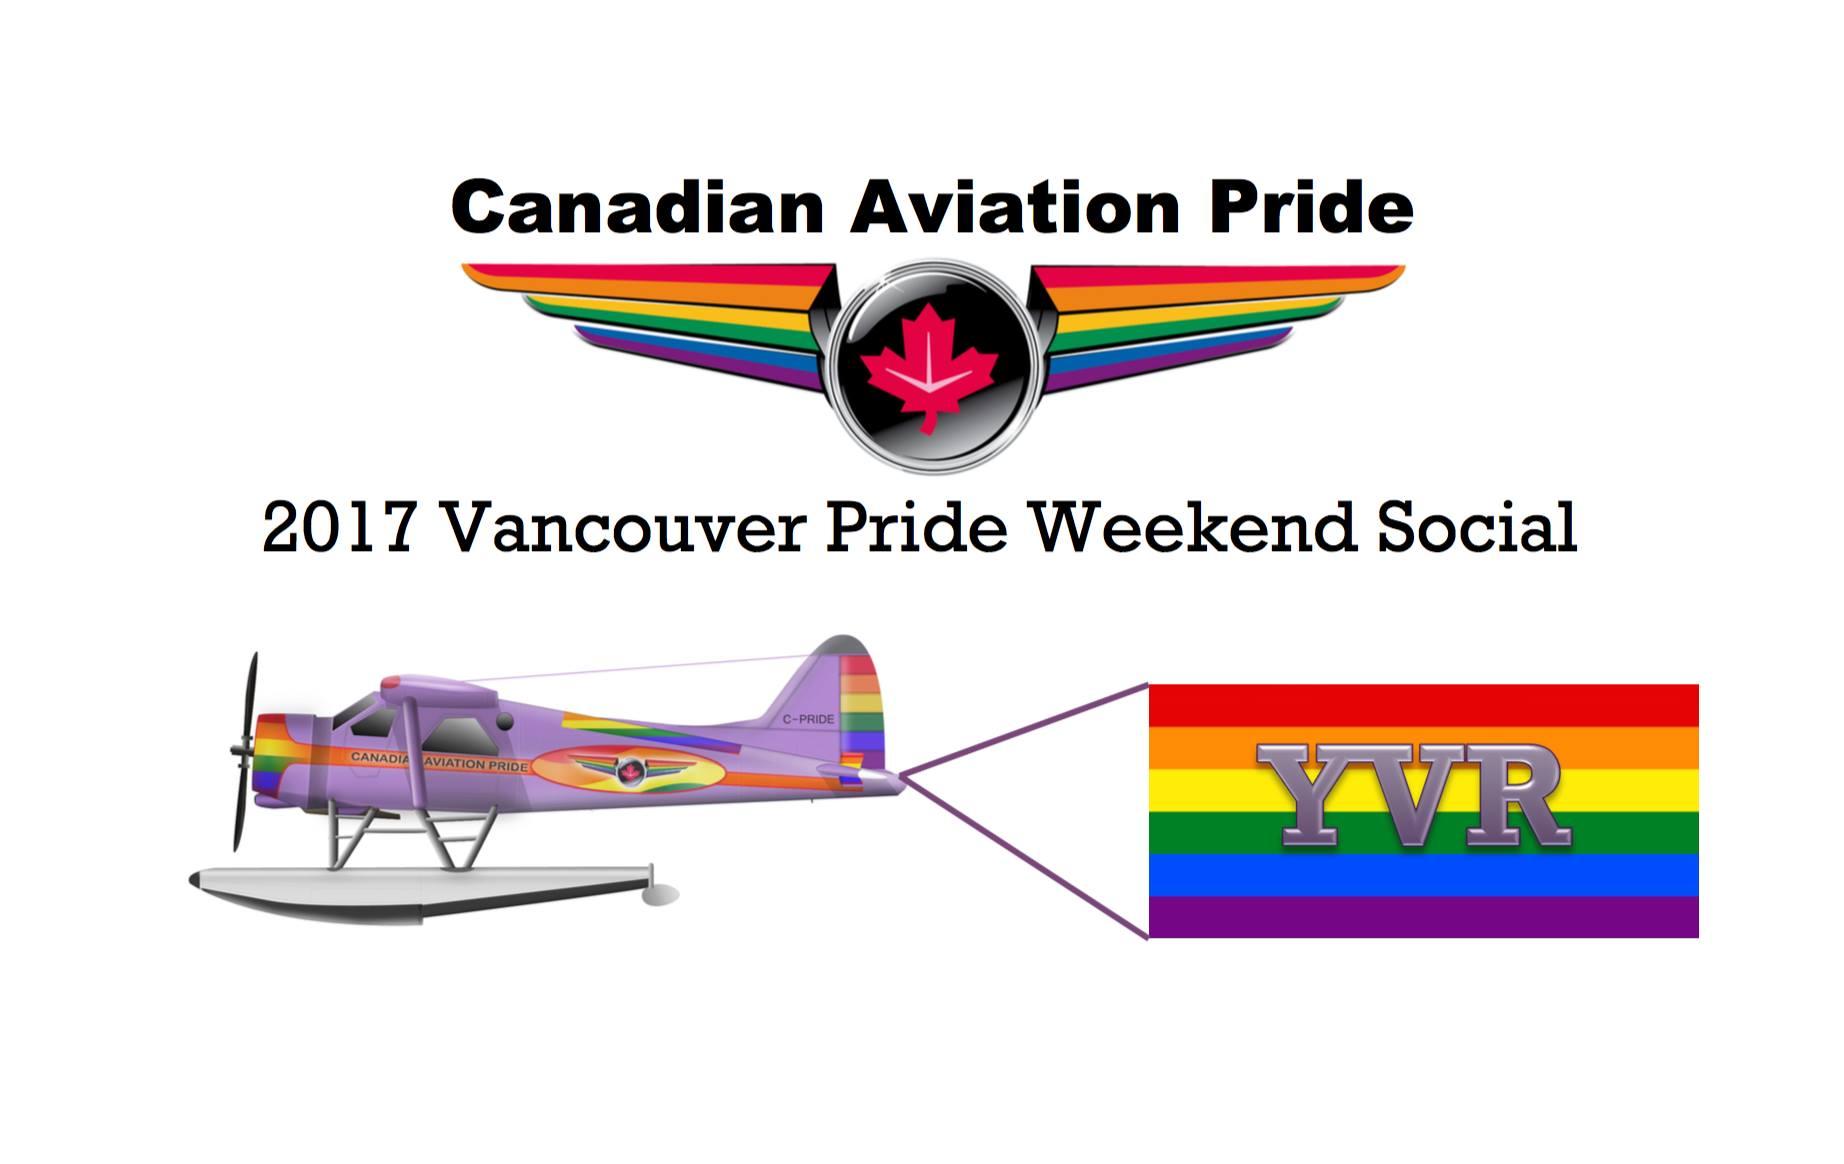 CAP-YVR2017-pride.jpg